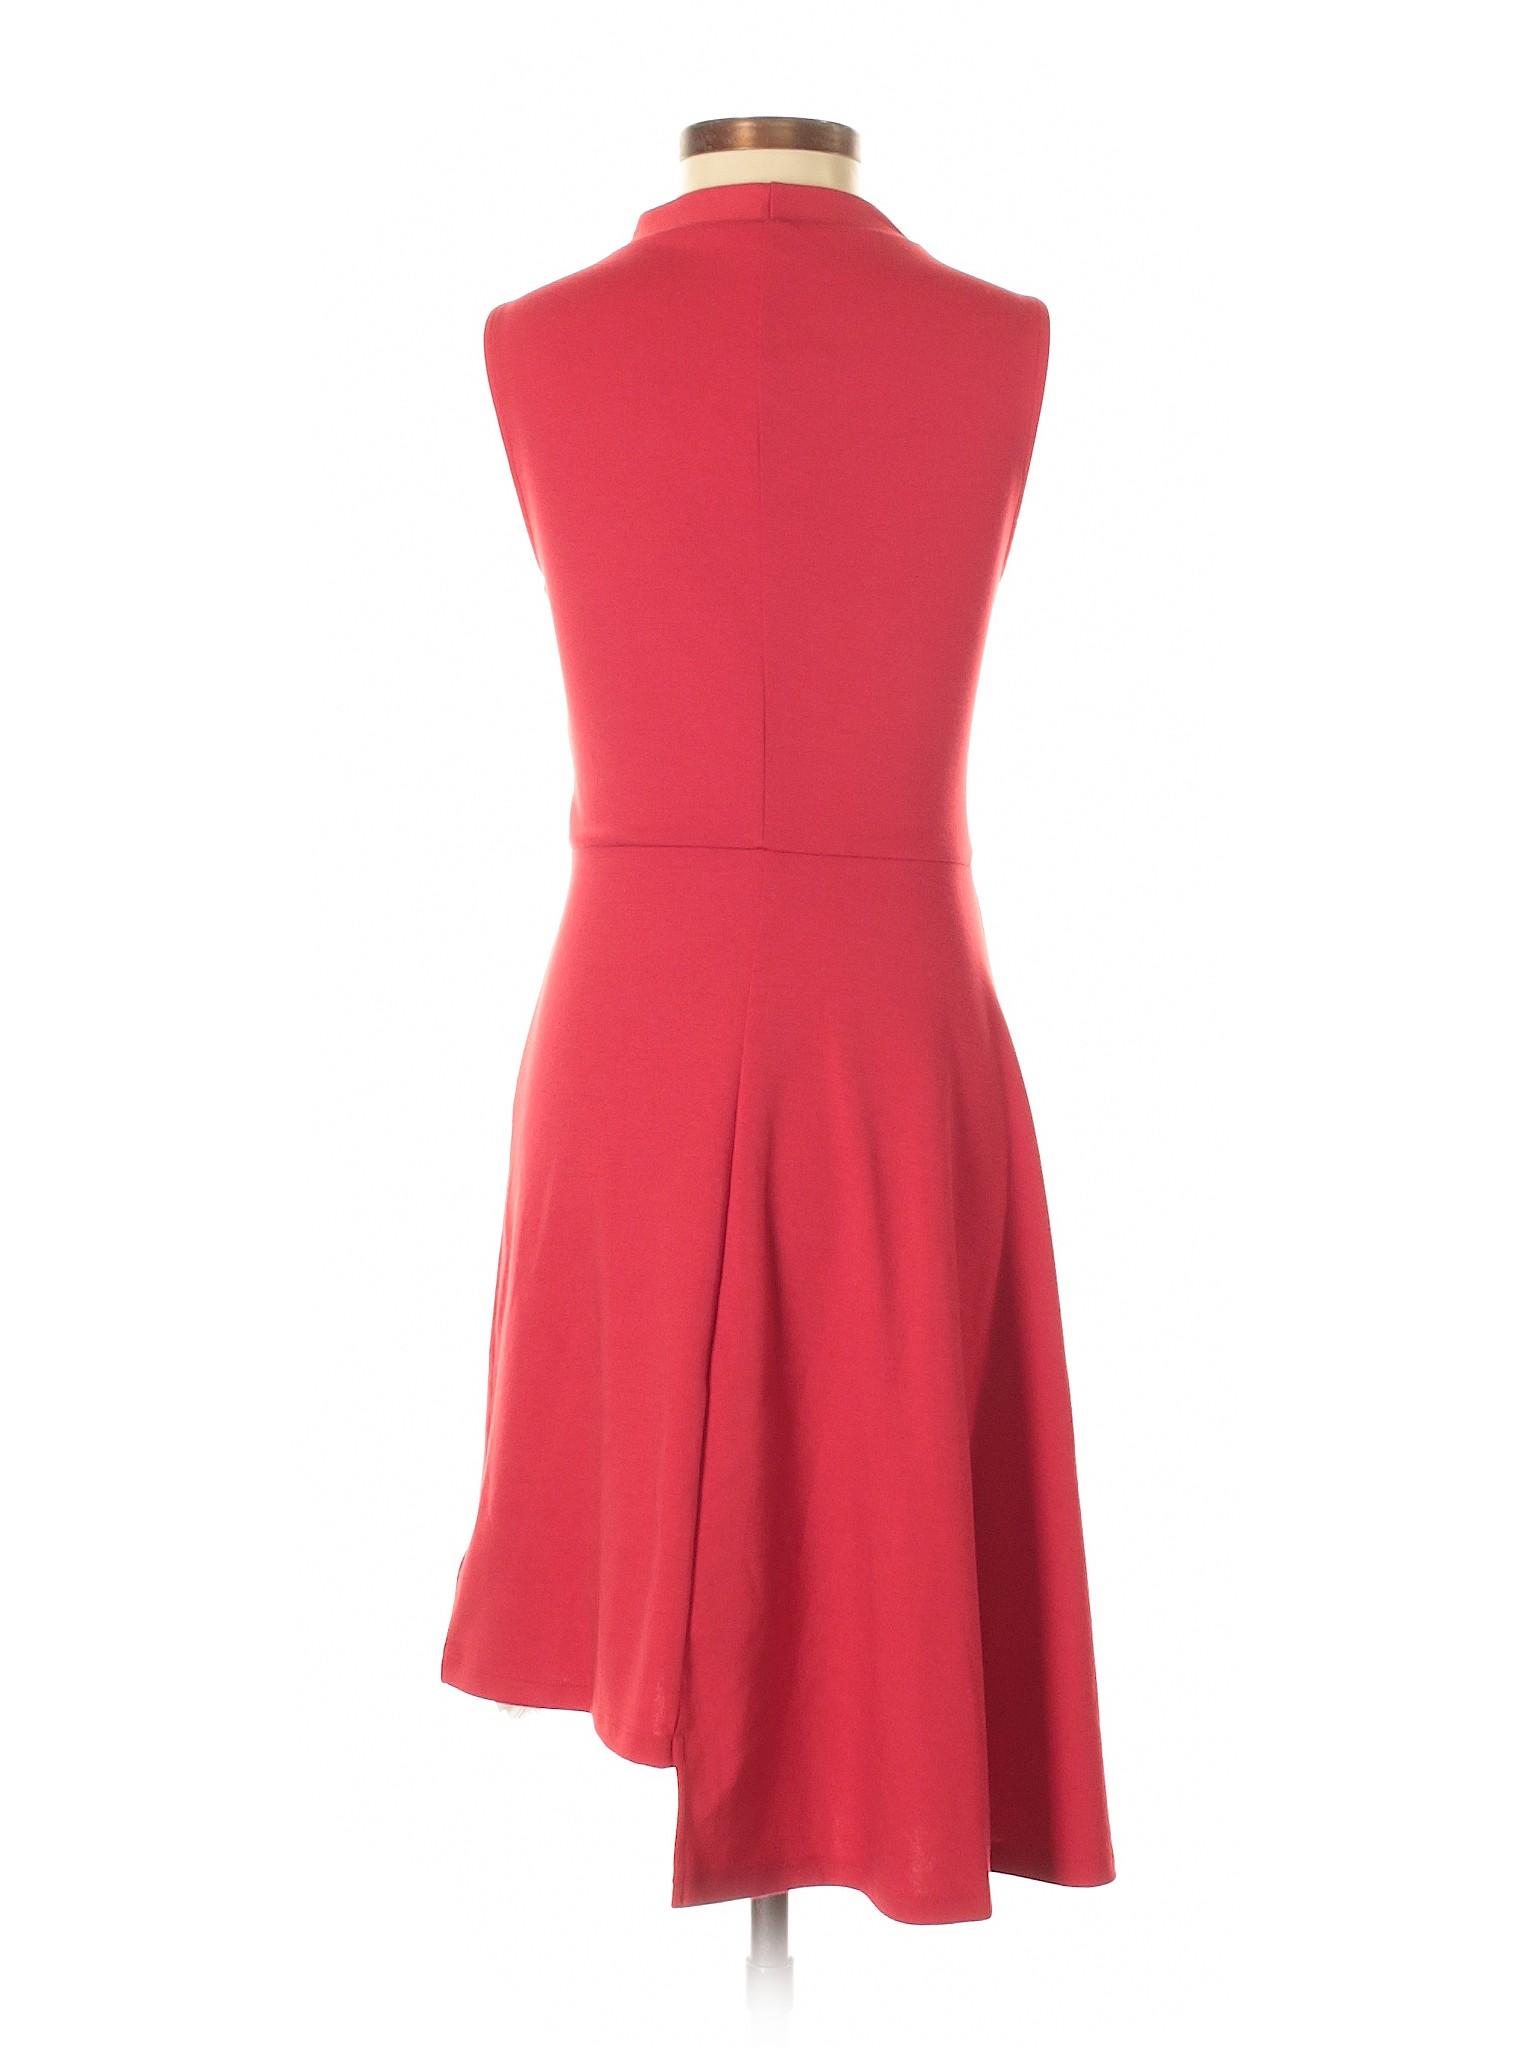 Dress Selling Dress Yamamay Yamamay Selling Casual Yamamay Casual Selling PtHxXw8x